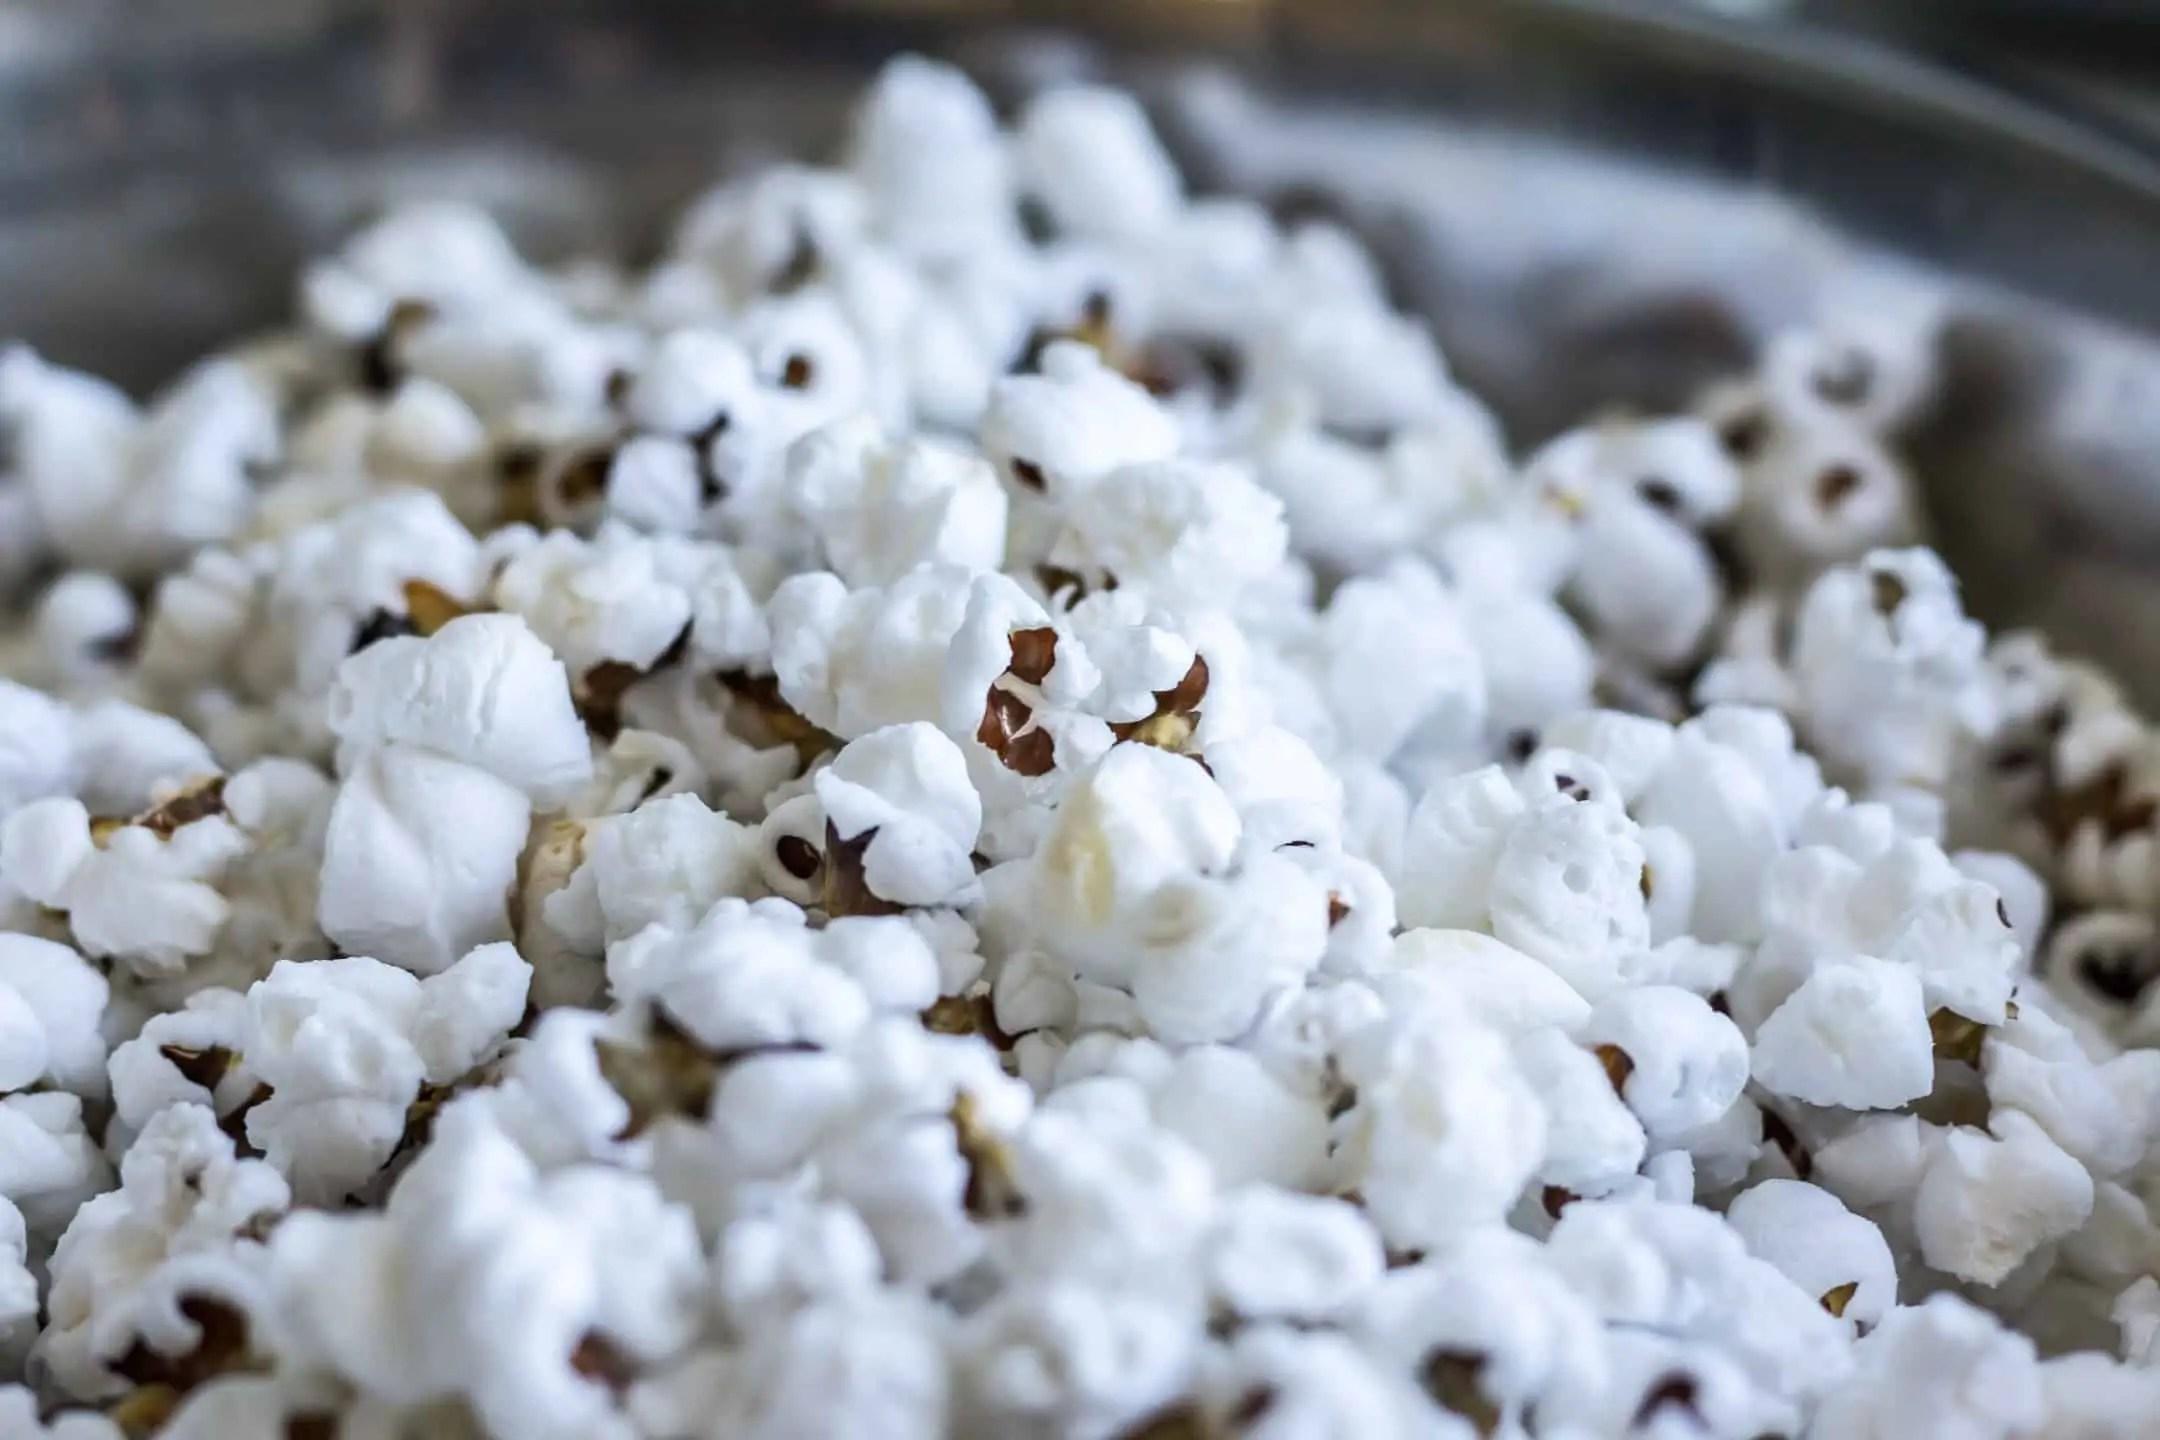 Niebieski popcorn jest mniej atrakcyjny niz zolty - Emocje w fotografii czyli 12 sposobów na emocjonujące zdjęcia !